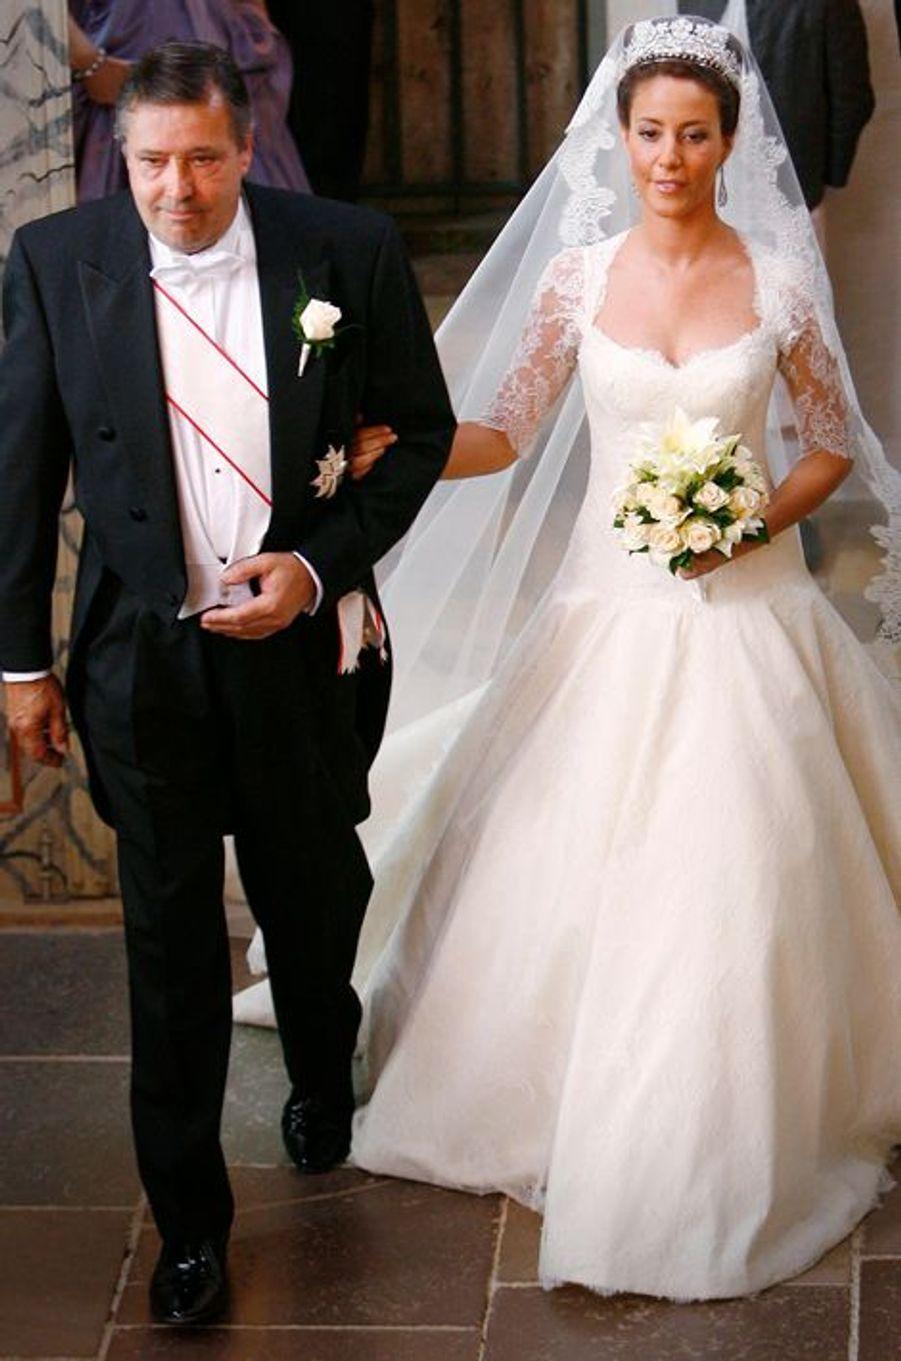 Marie Cavallier, au bras de son père, épouse le prince Joachim de Danemark, le 24 mai 2008